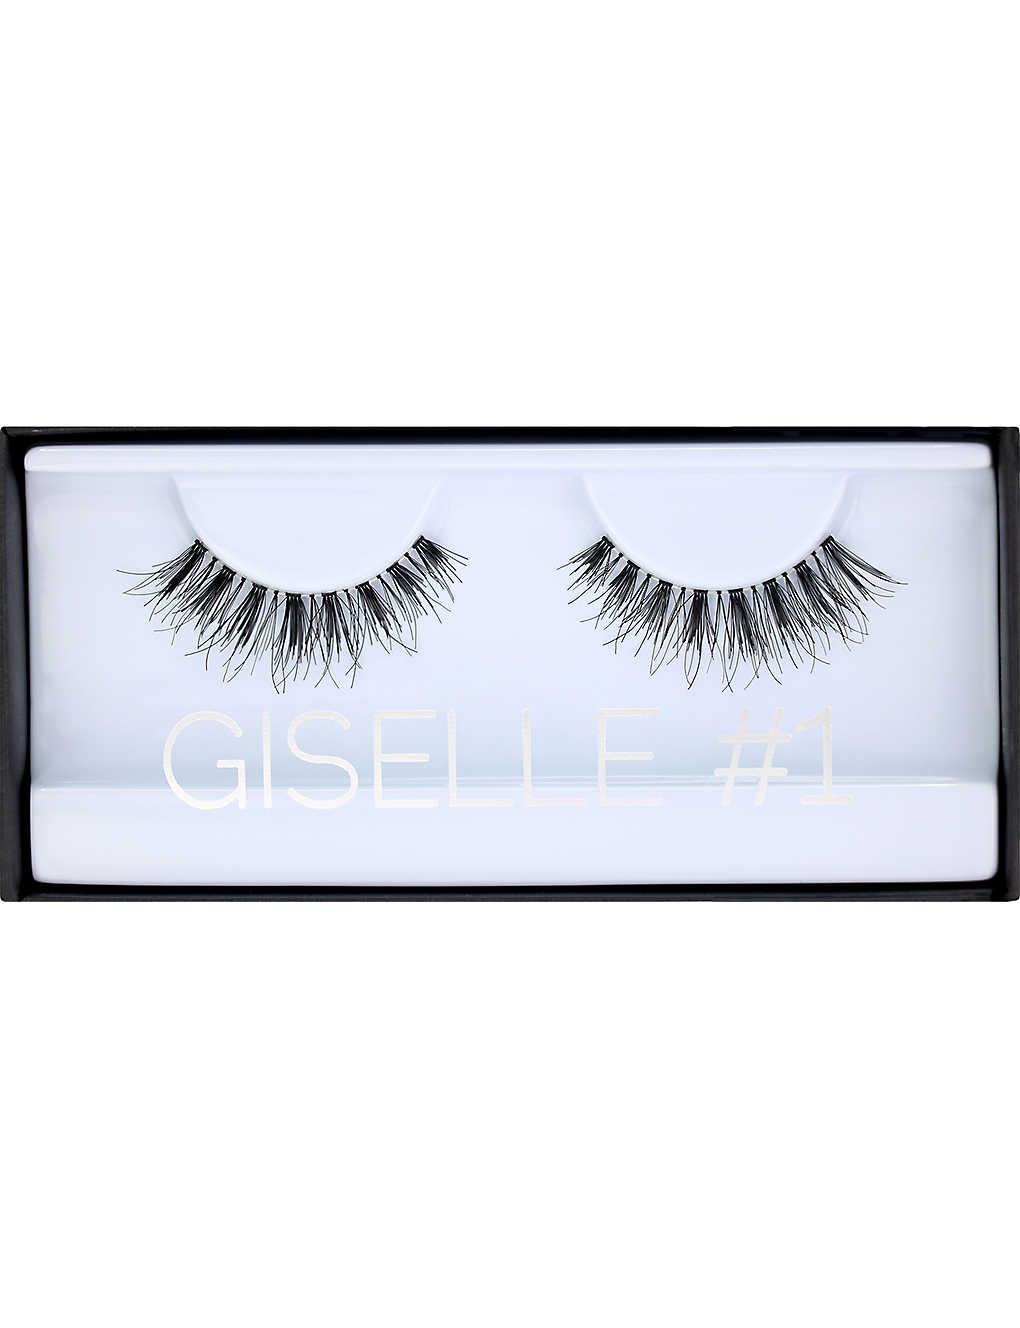 cd986532e49 HUDA BEAUTY - Giselle Classic Lashes #1 | Selfridges.com